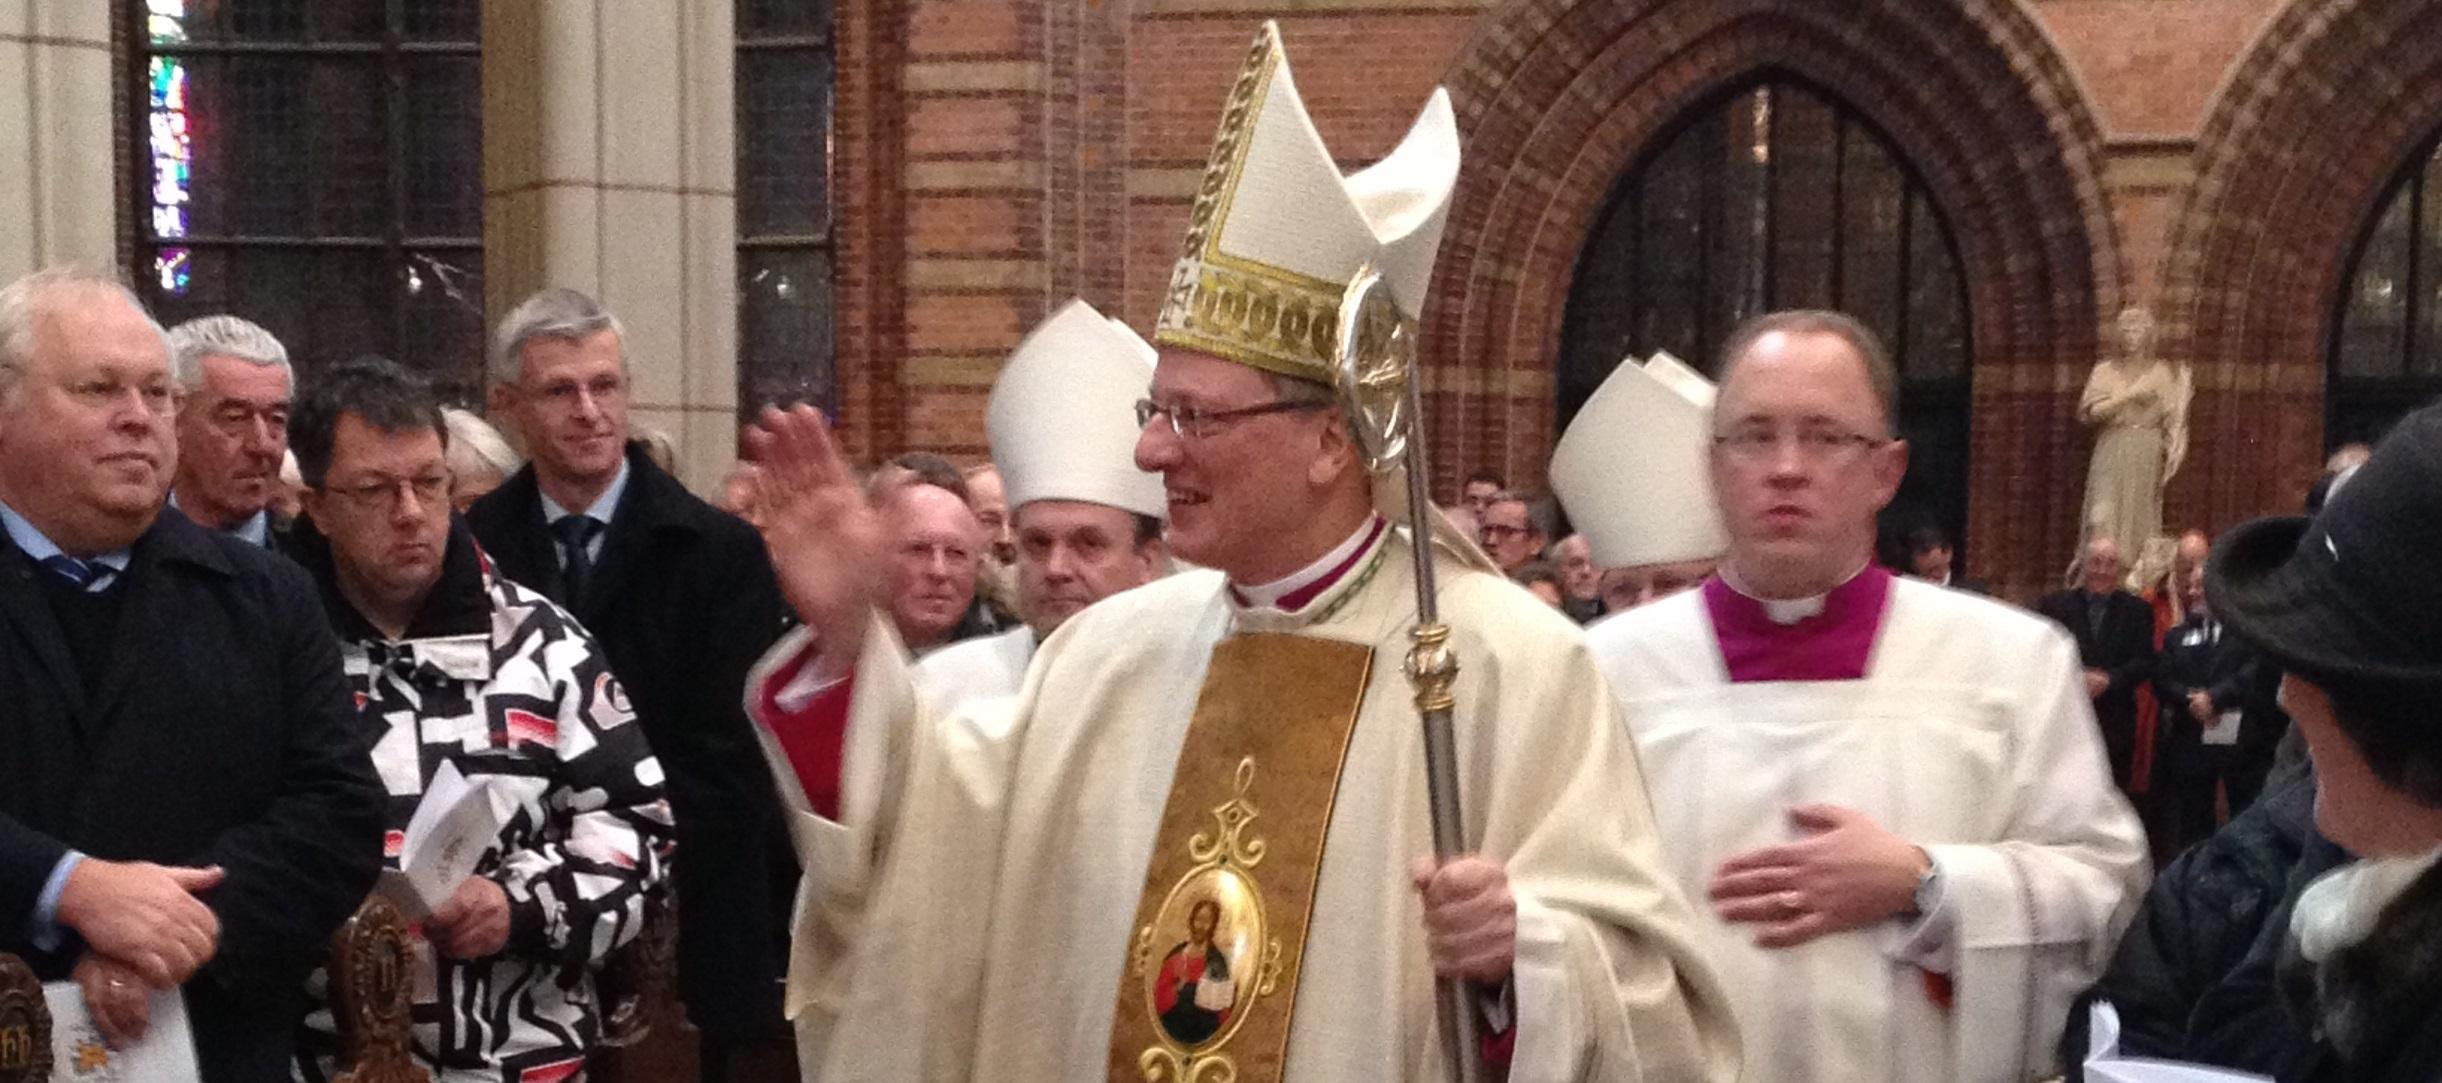 Hulpbisschop Jan Hendriks beveelt Mars voor het Leven aan